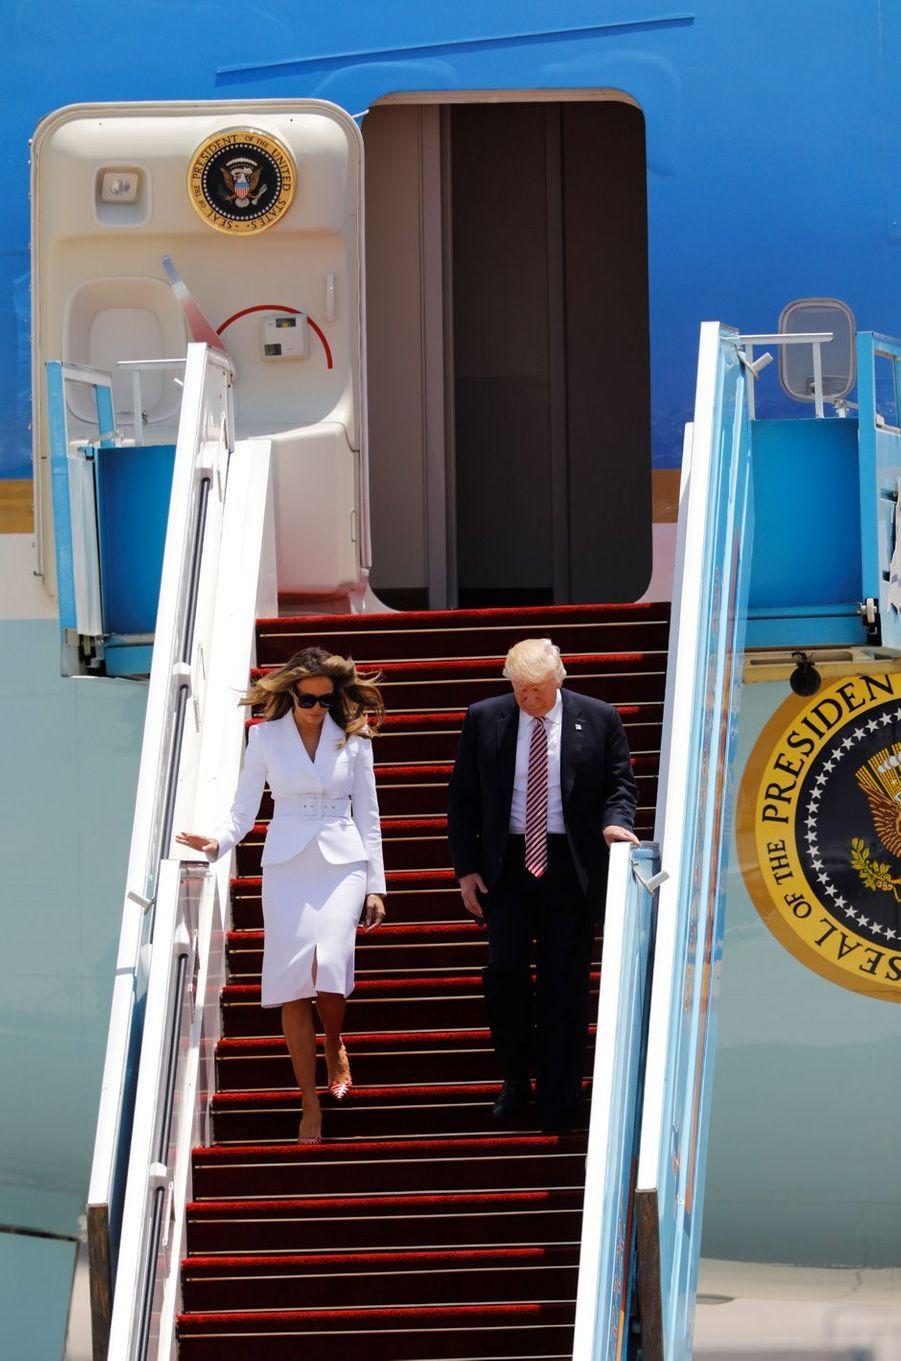 Melania et Donald Trump à l'aéroport Ben Gourion, le 22 mai 2017.